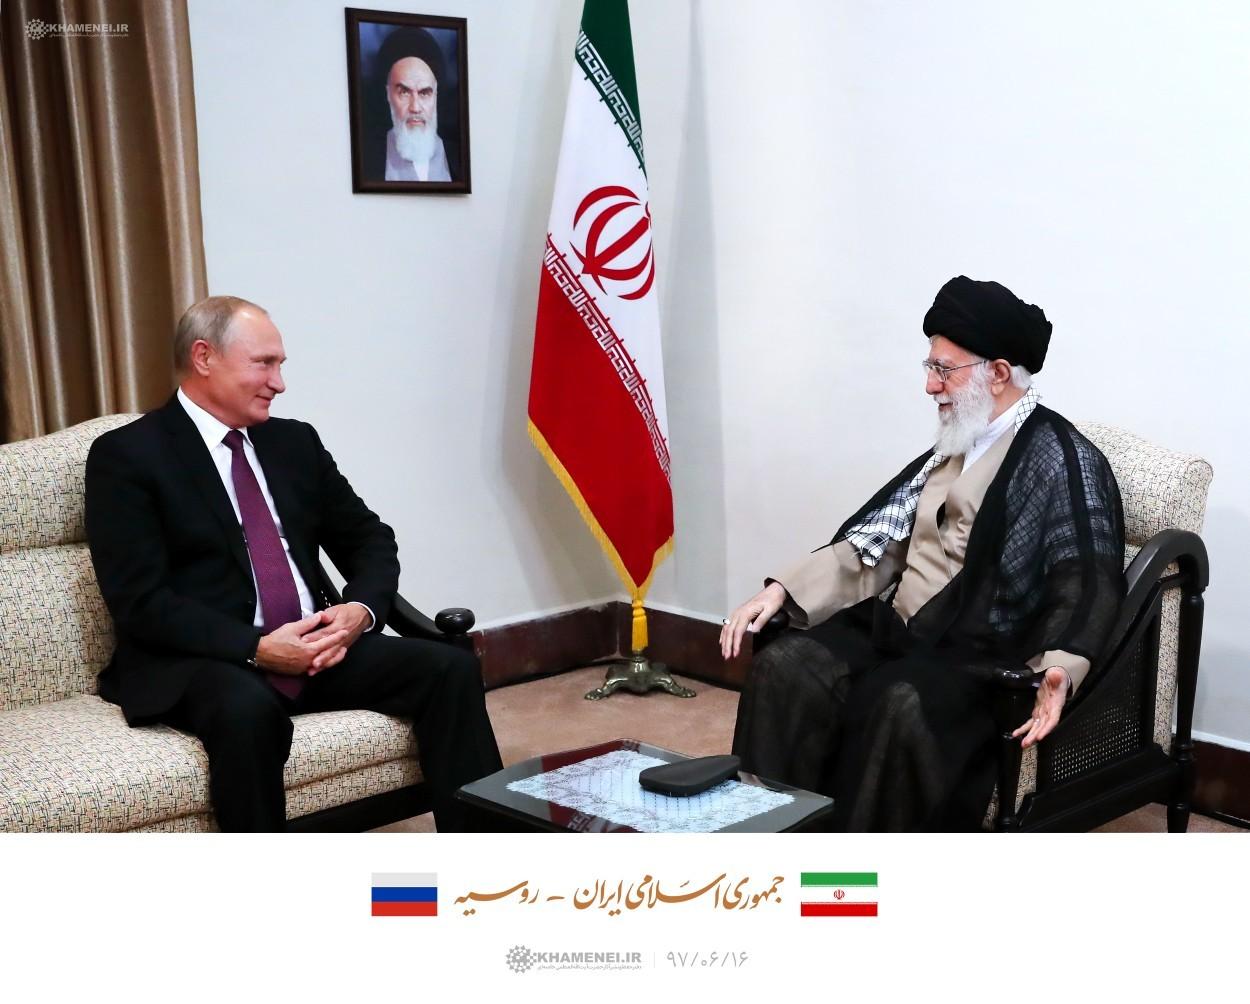 جمهوری اسلامی ایران درخصوص برجام موضعی را خواهد گرفت که به نفع منافع و عزت کشور و ملت باشد